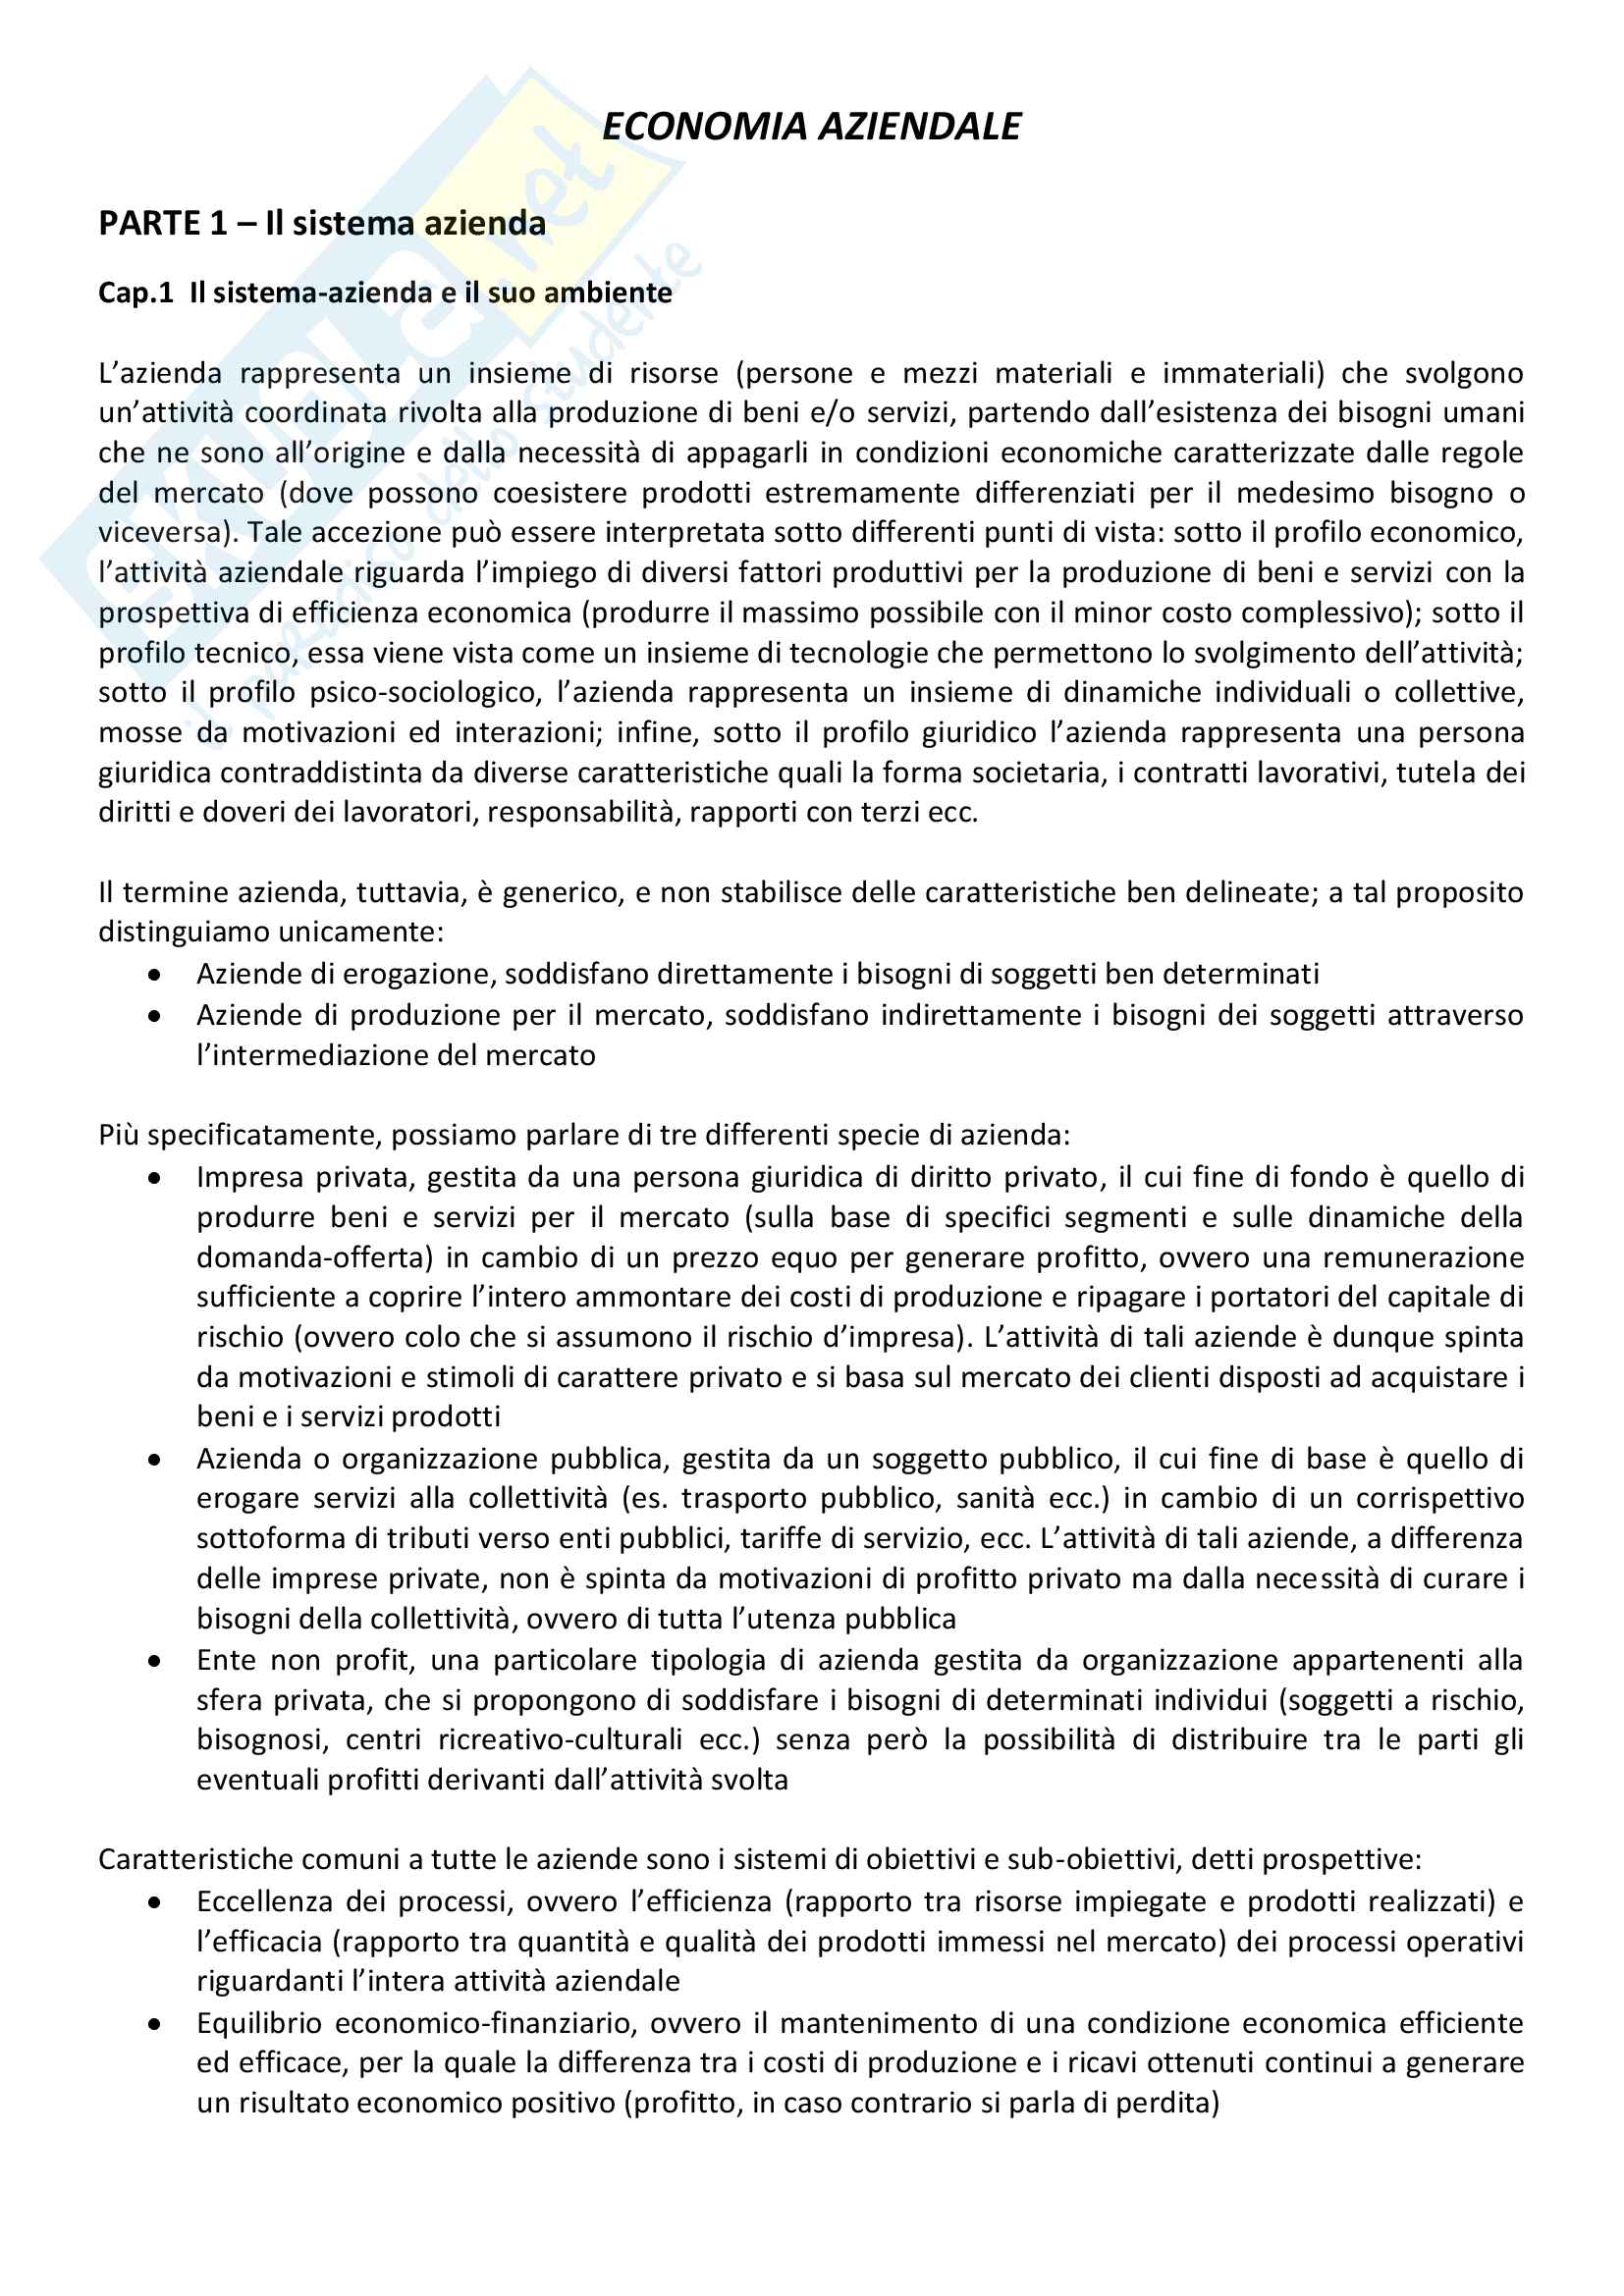 Riassunto esame economia aziendale, prof. Di Marcantonio, libro consigliato Lezioni di economia aziendale (seconda edizone), L. Brusa